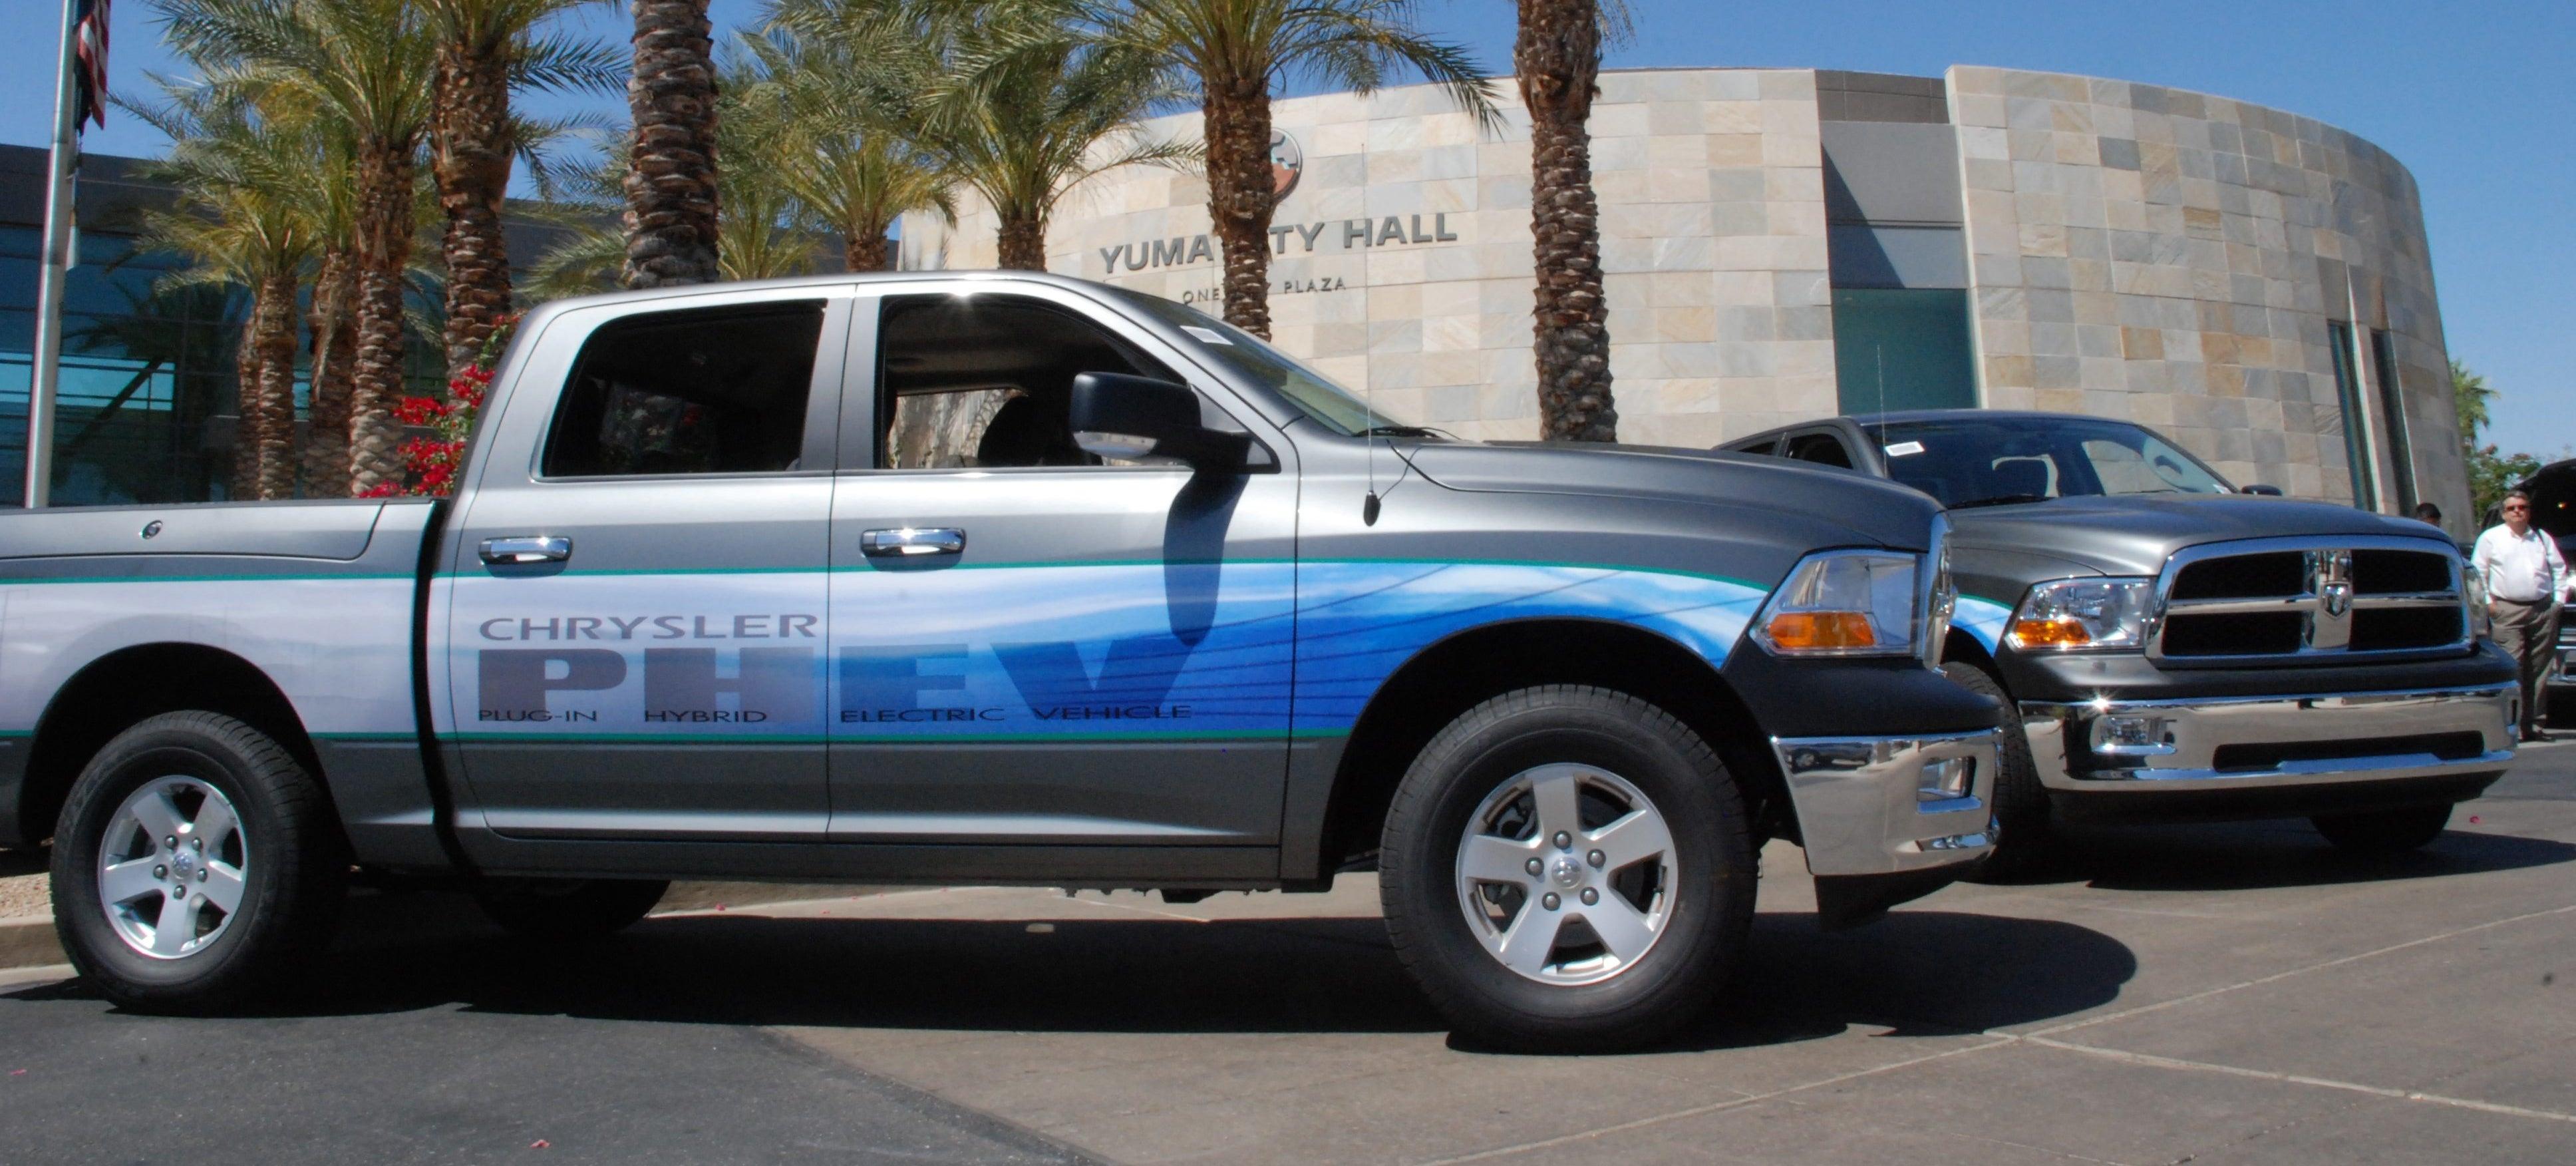 What Happened To Chrysler's Hybrid Trucks?